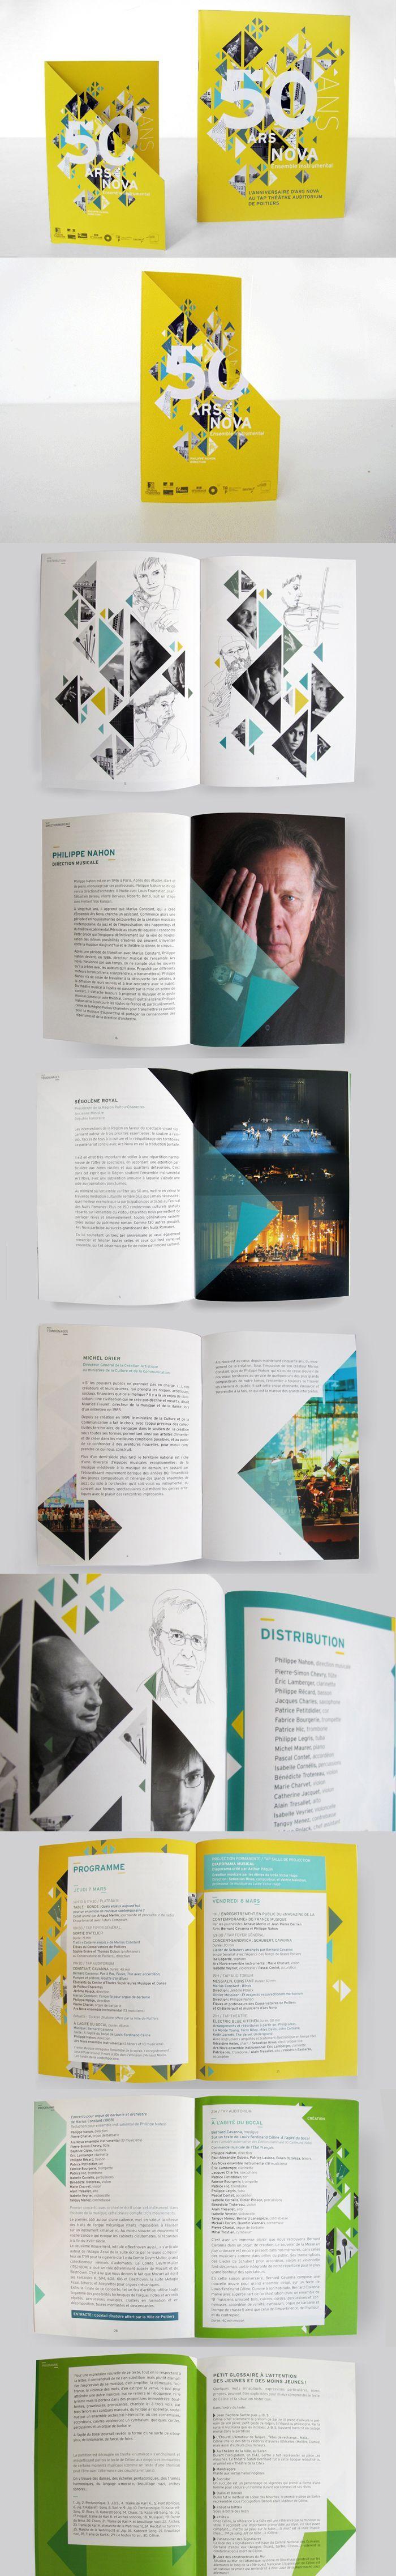 画像 : 【海外】 格好良すぎるグラフィック&エディトリアルデザイン 参考画像集 - NAVER まとめ